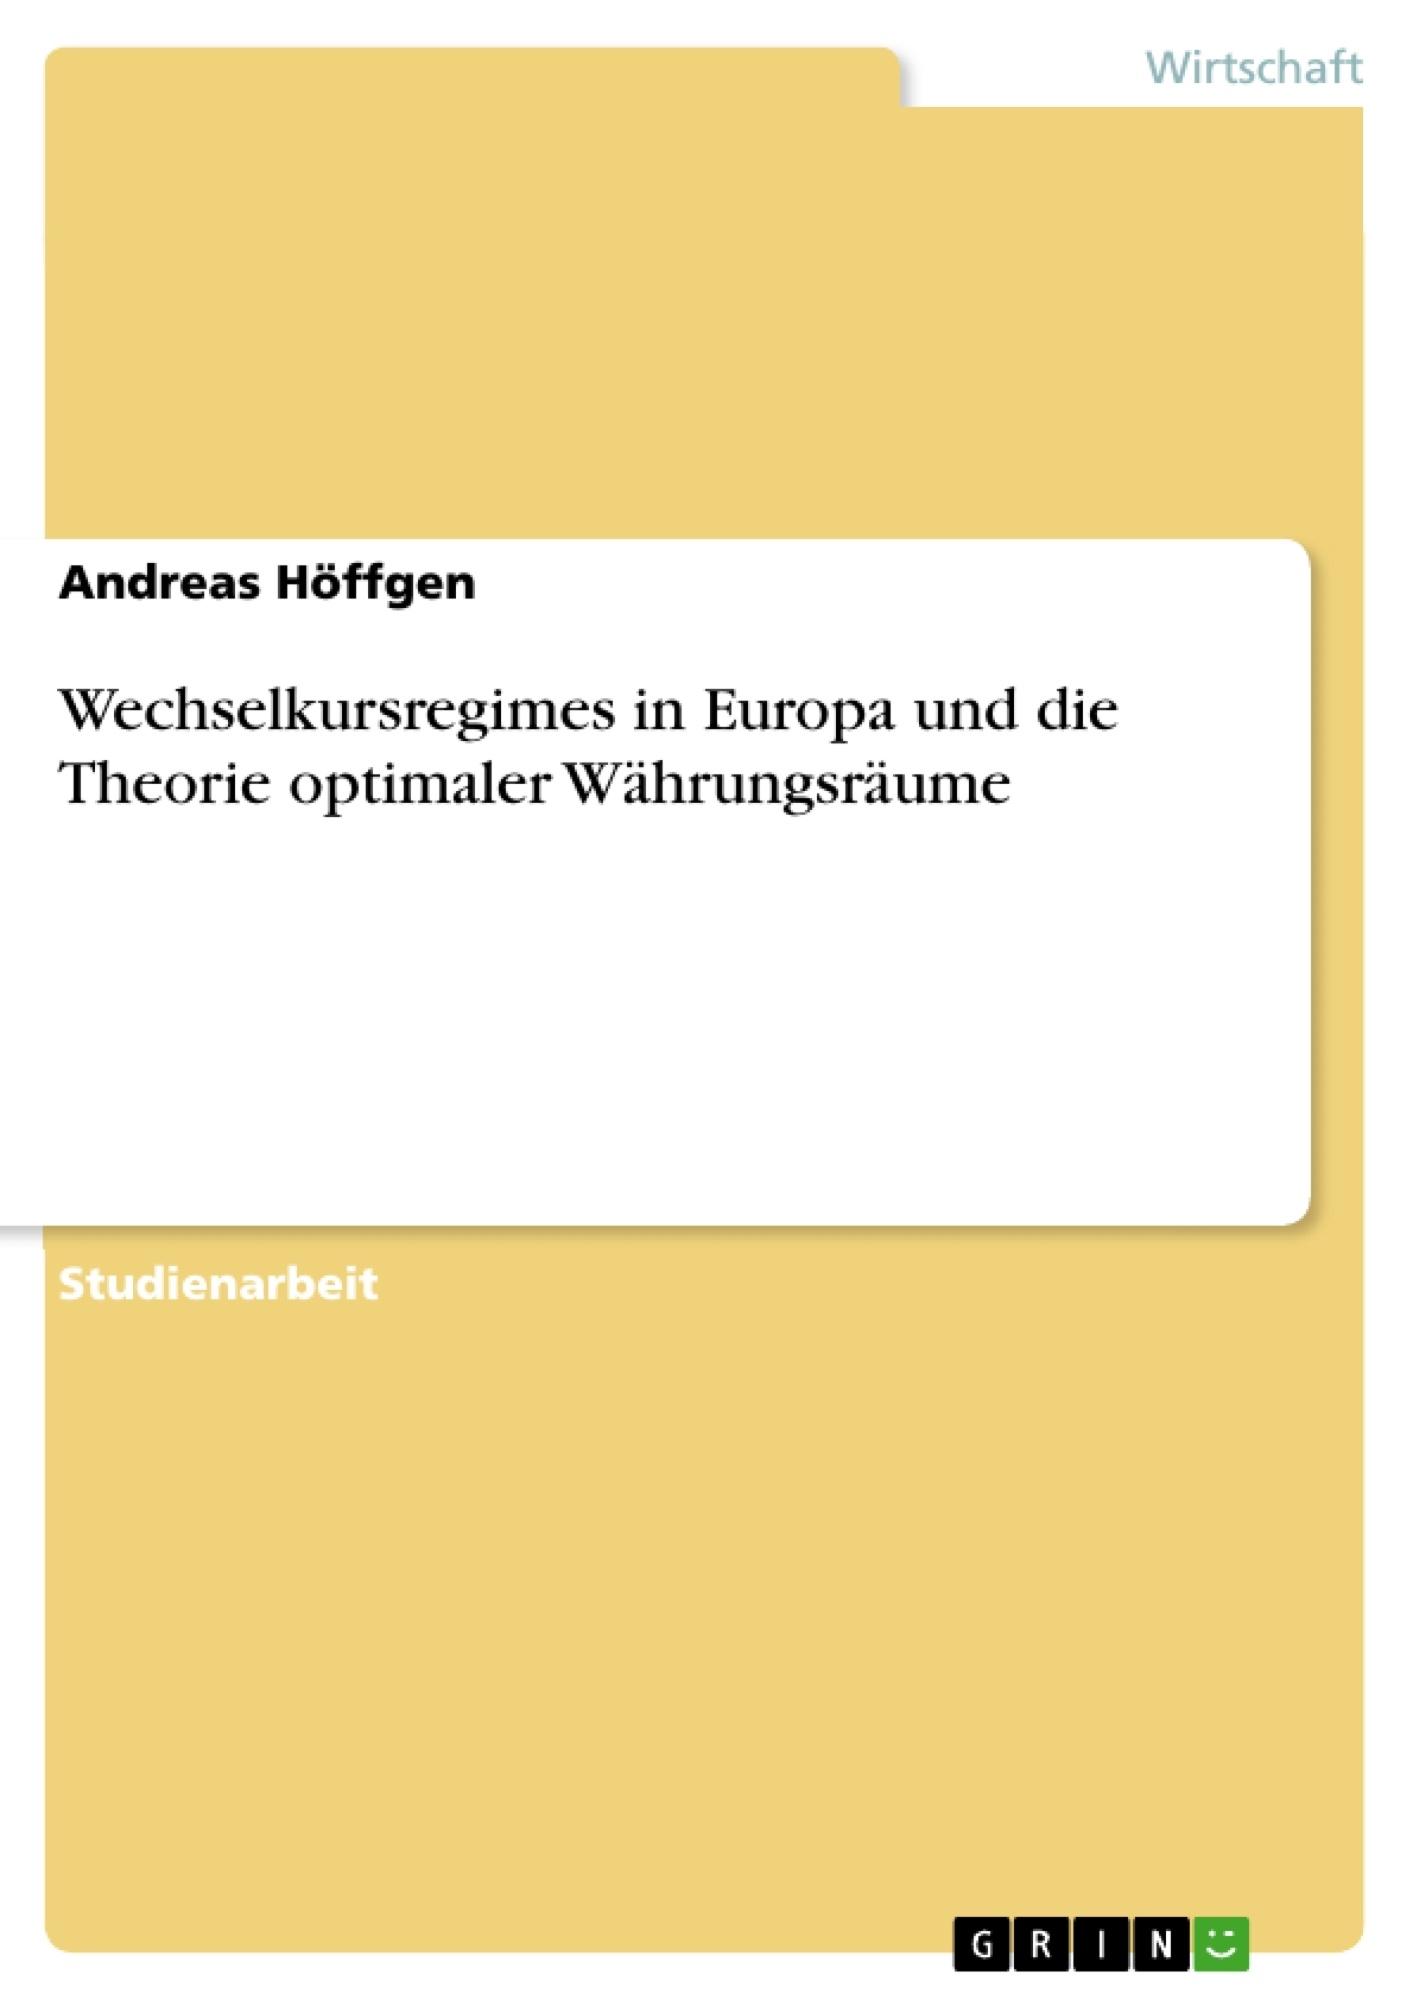 Titel: Wechselkursregimes in Europa und die Theorie optimaler Währungsräume